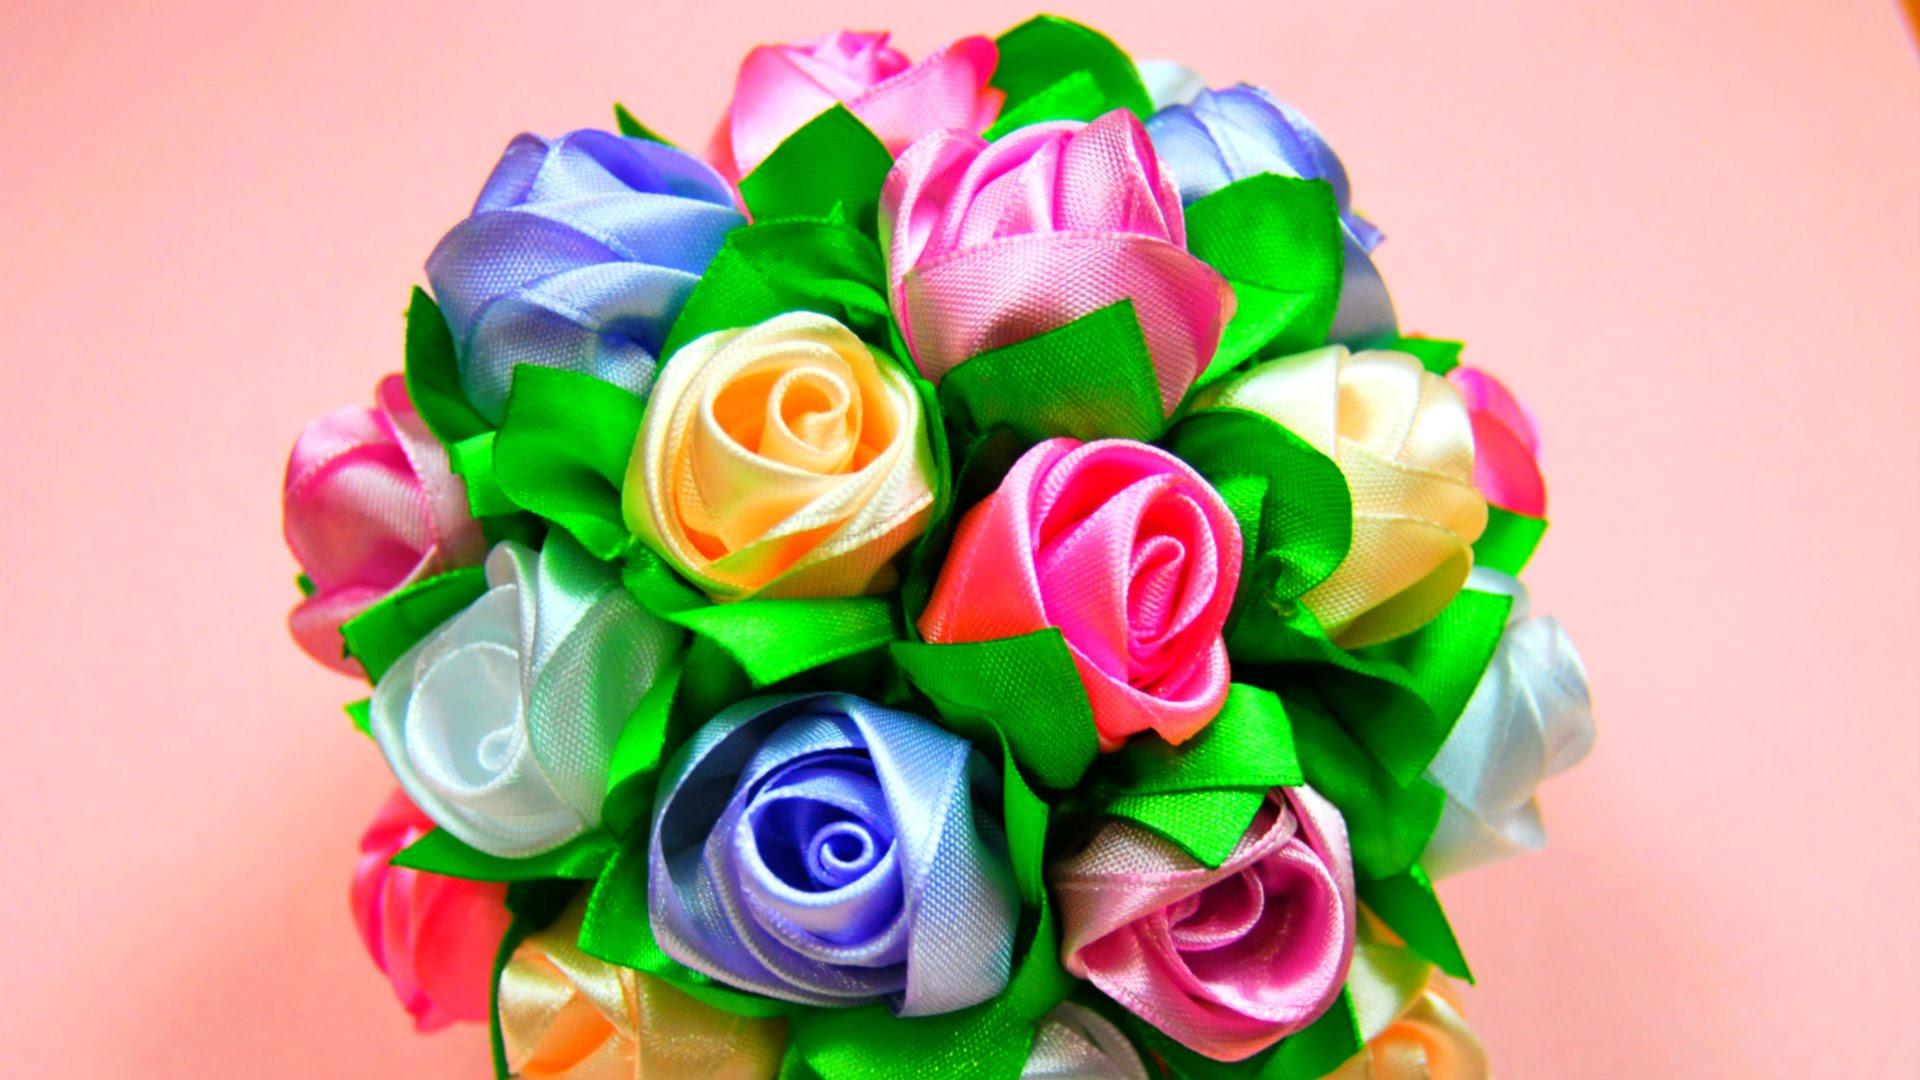 Мастер-класс: Бутоны Роз в Букет-Шар.  Ribbon Rose, Bouquet-Ball. ✿ NataliDoma